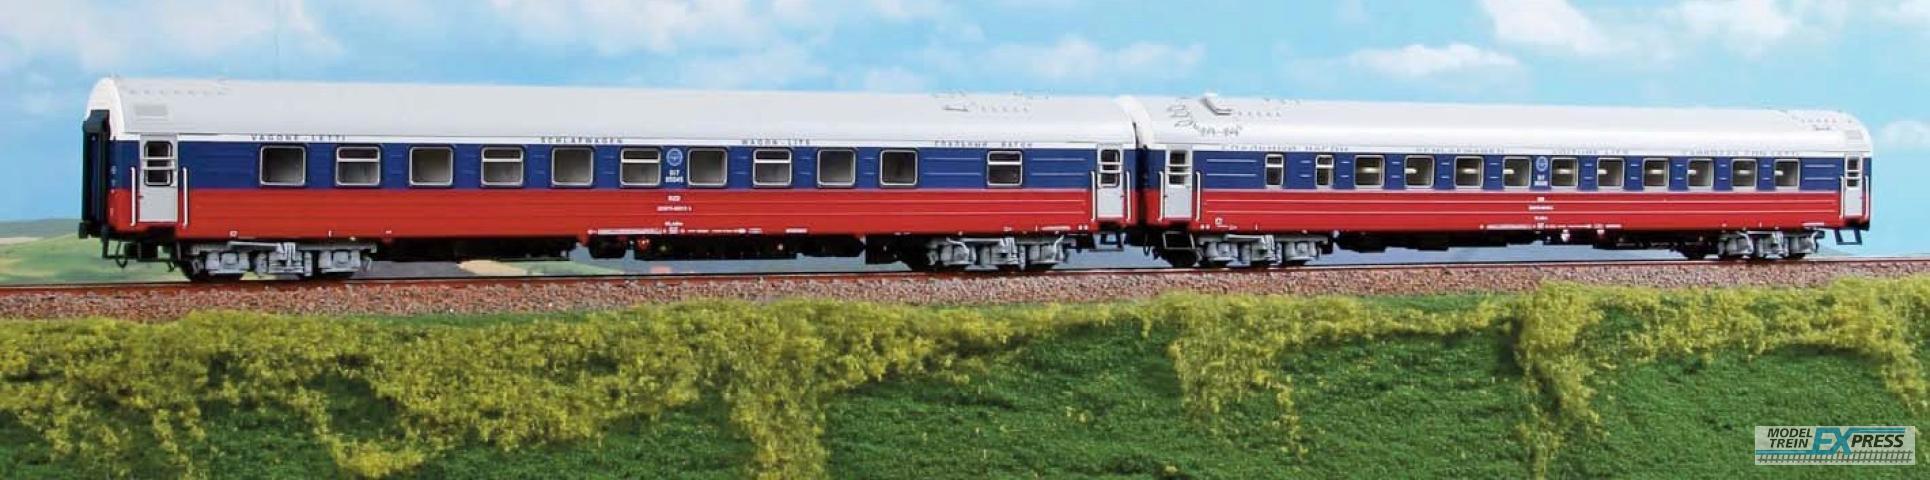 ACME 55139